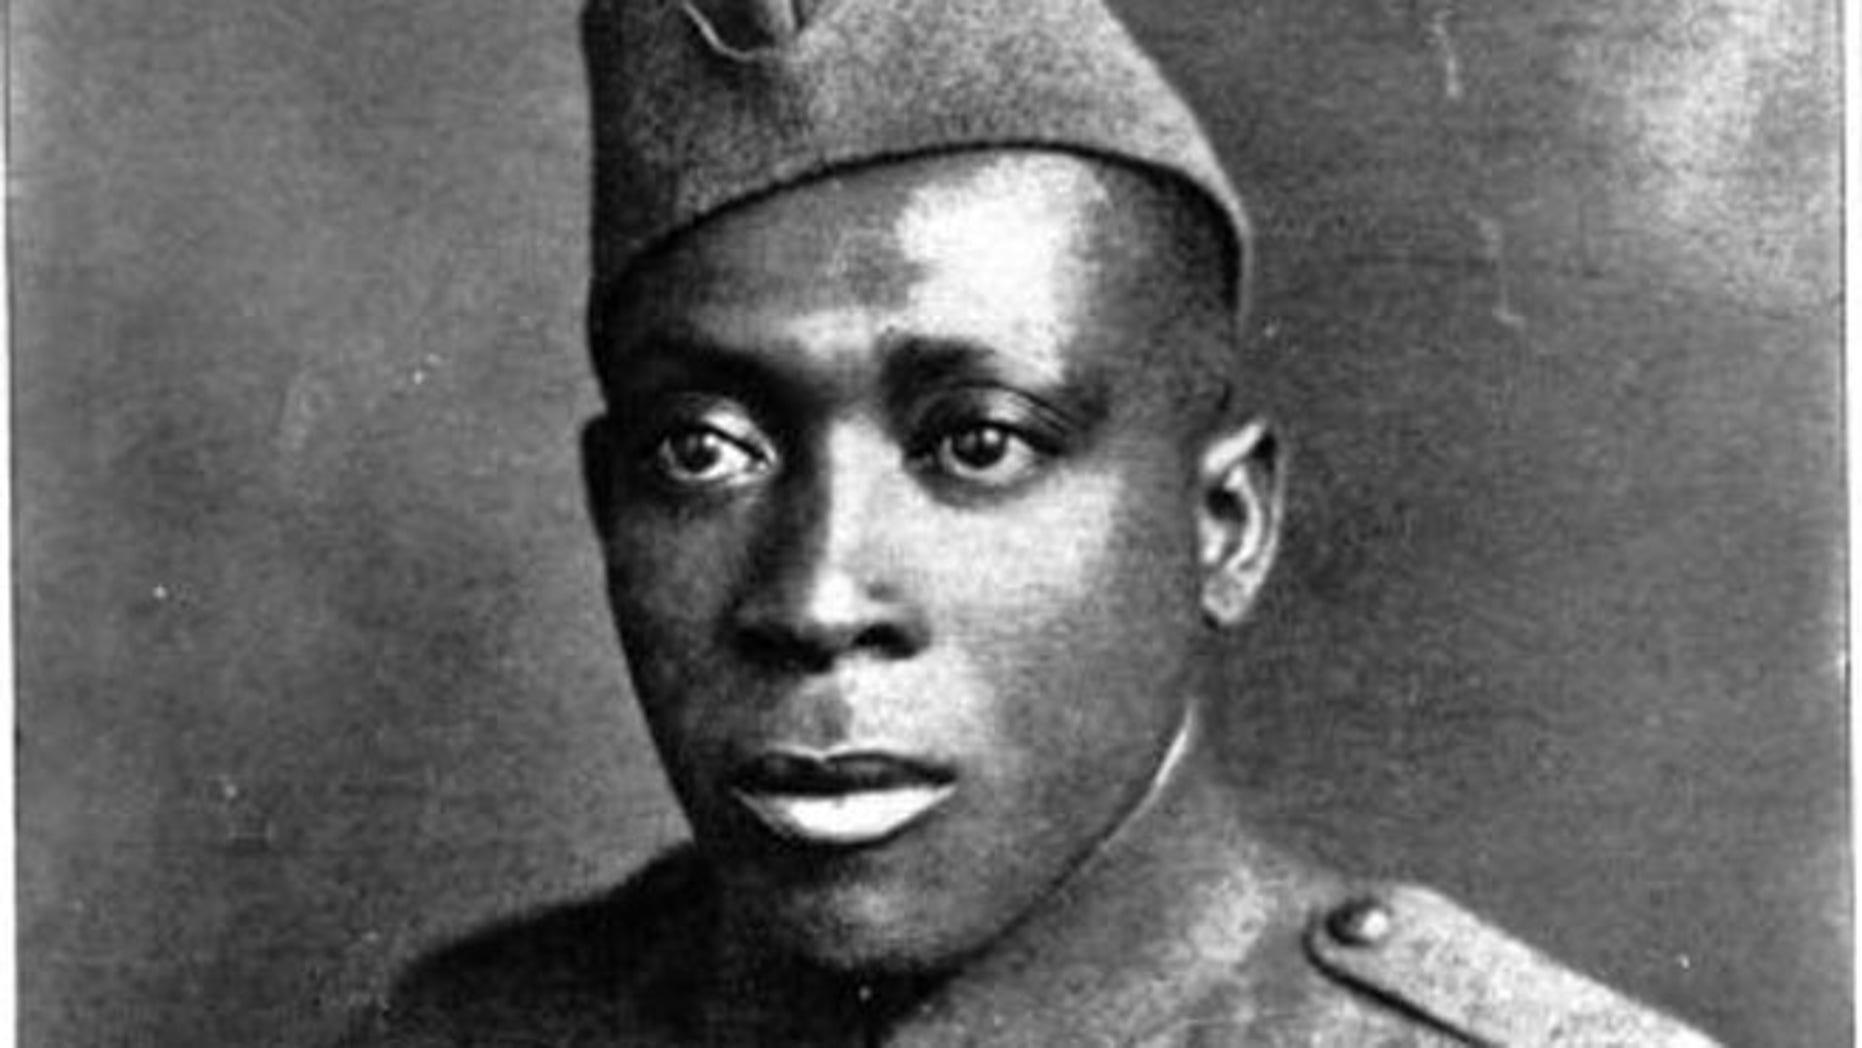 Sgt. Henry Johnson.